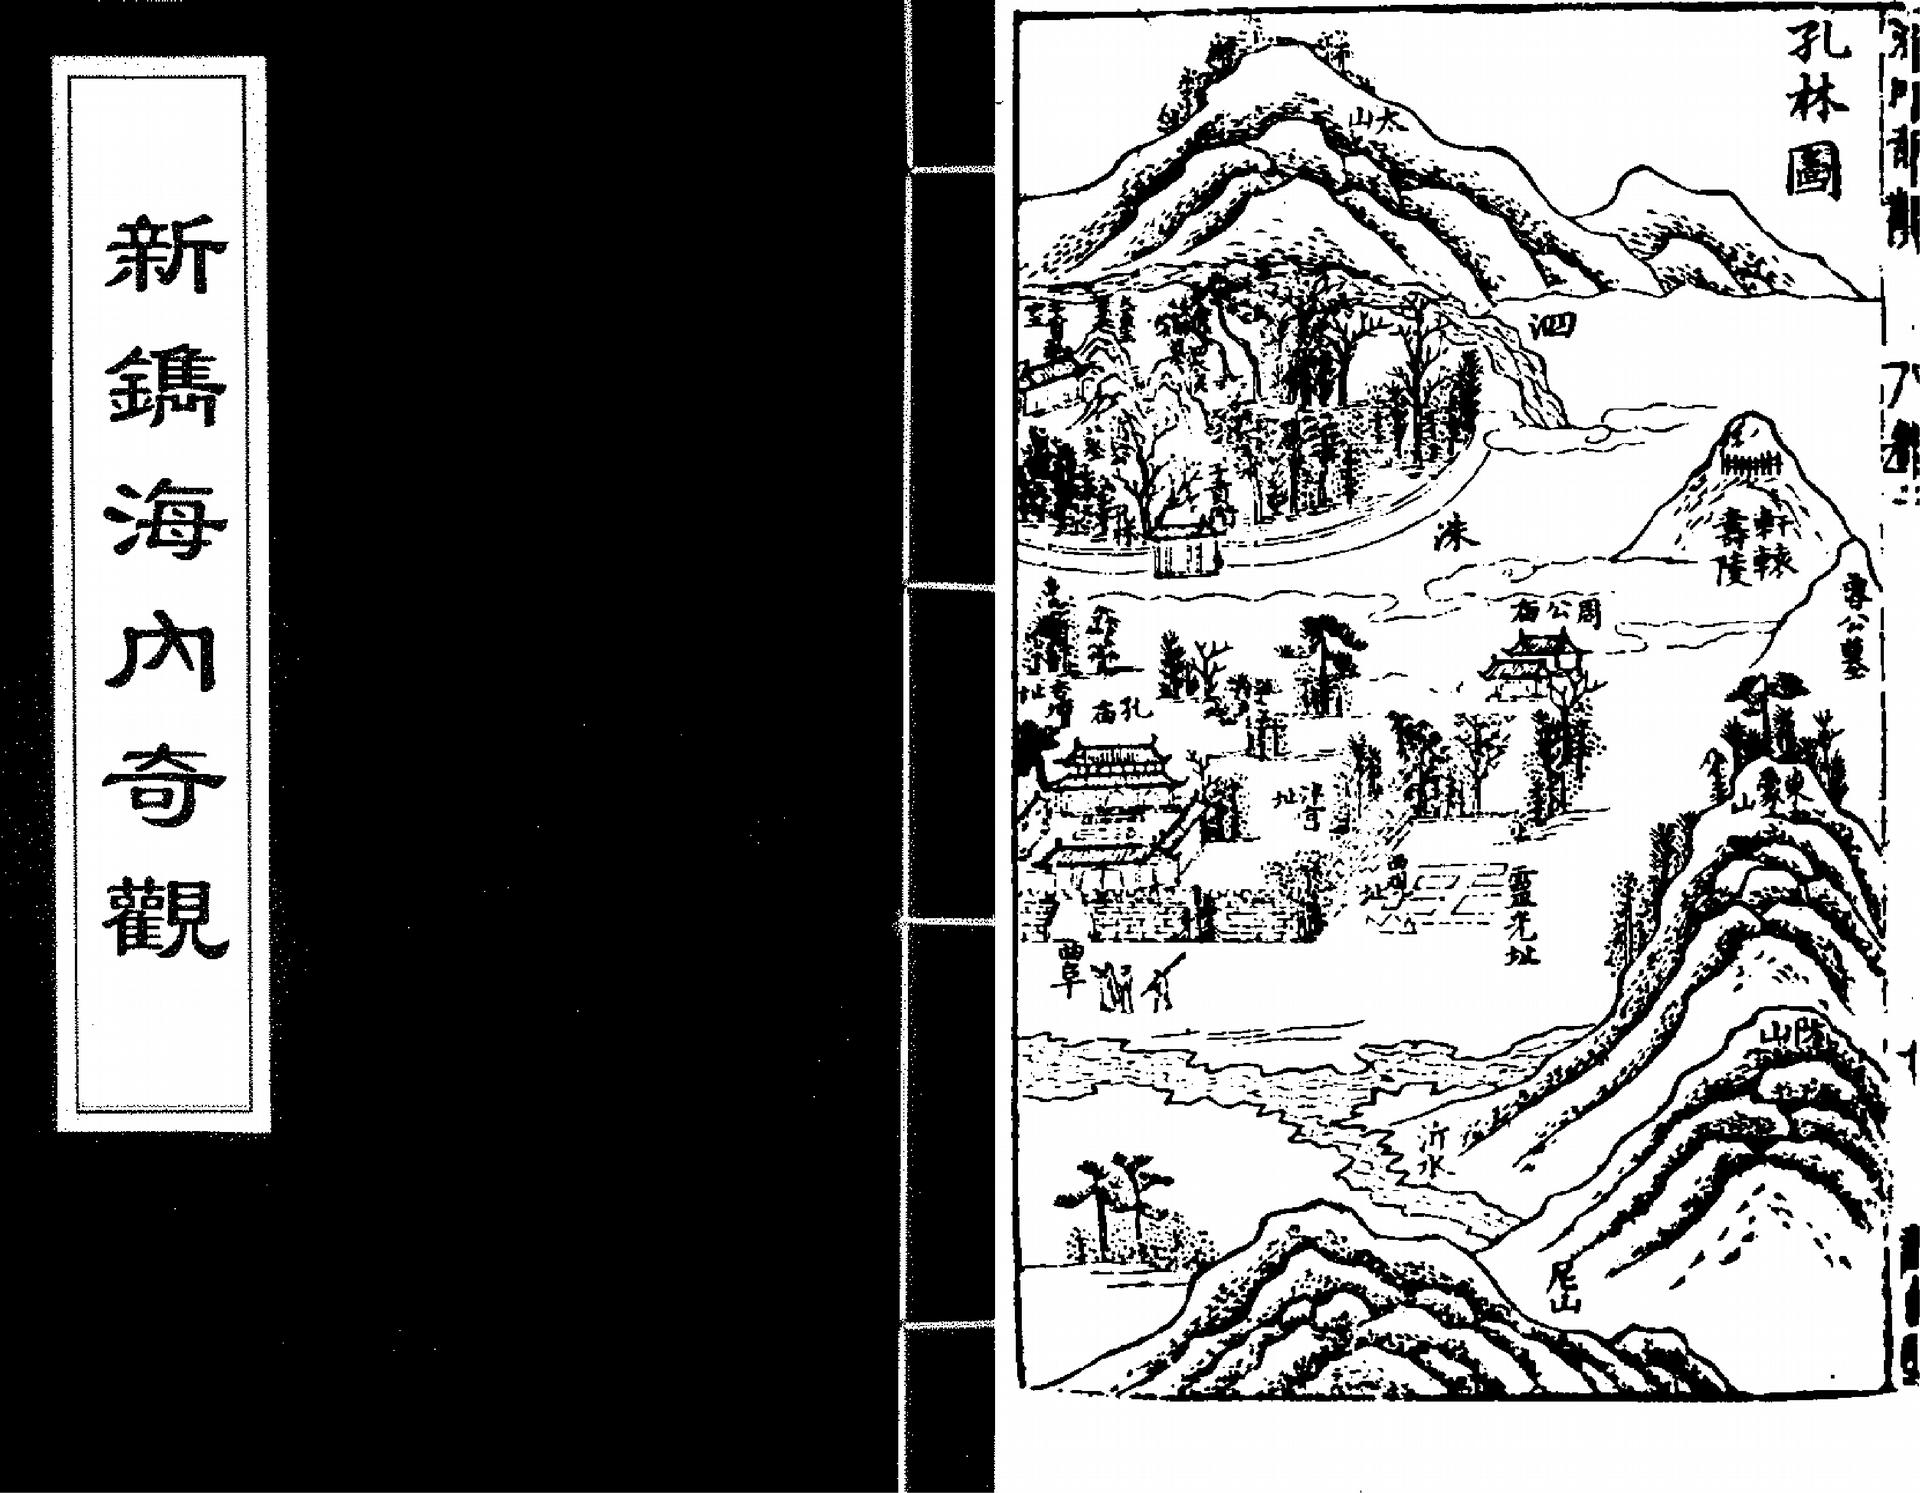 明代楊爾曾的旅遊書《新鐫海內奇觀》,不只透過文字描繪遊覽心得,也畫出具象的風景引人嚮往,筆法有別於強調意象的文人山水畫。 資料來源│中國哲學書電子化計劃